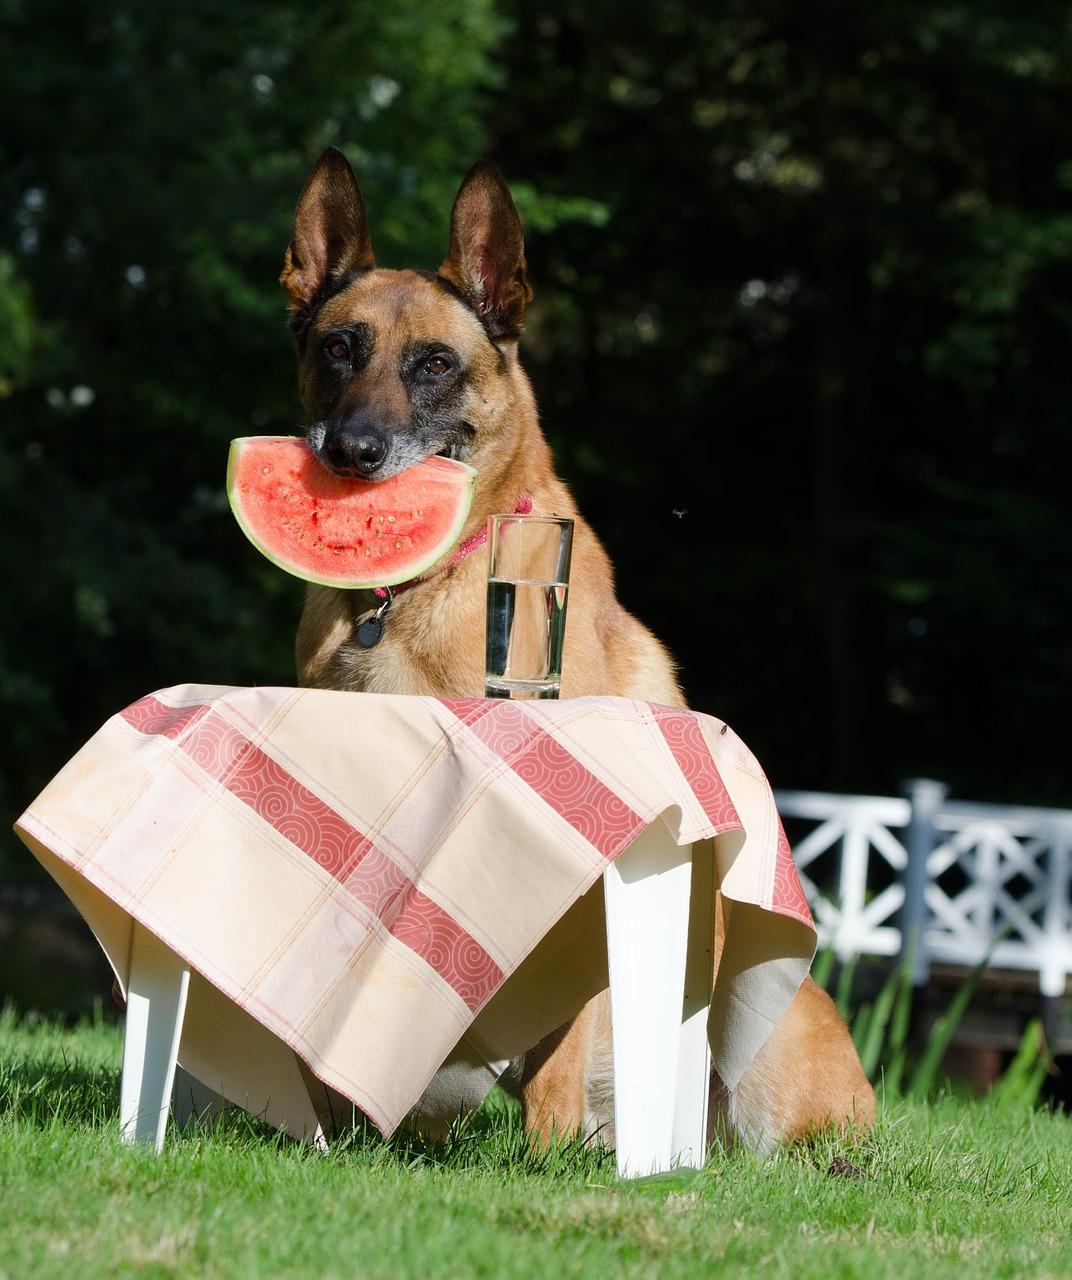 witzige Hundenamen findet man auch in Parks